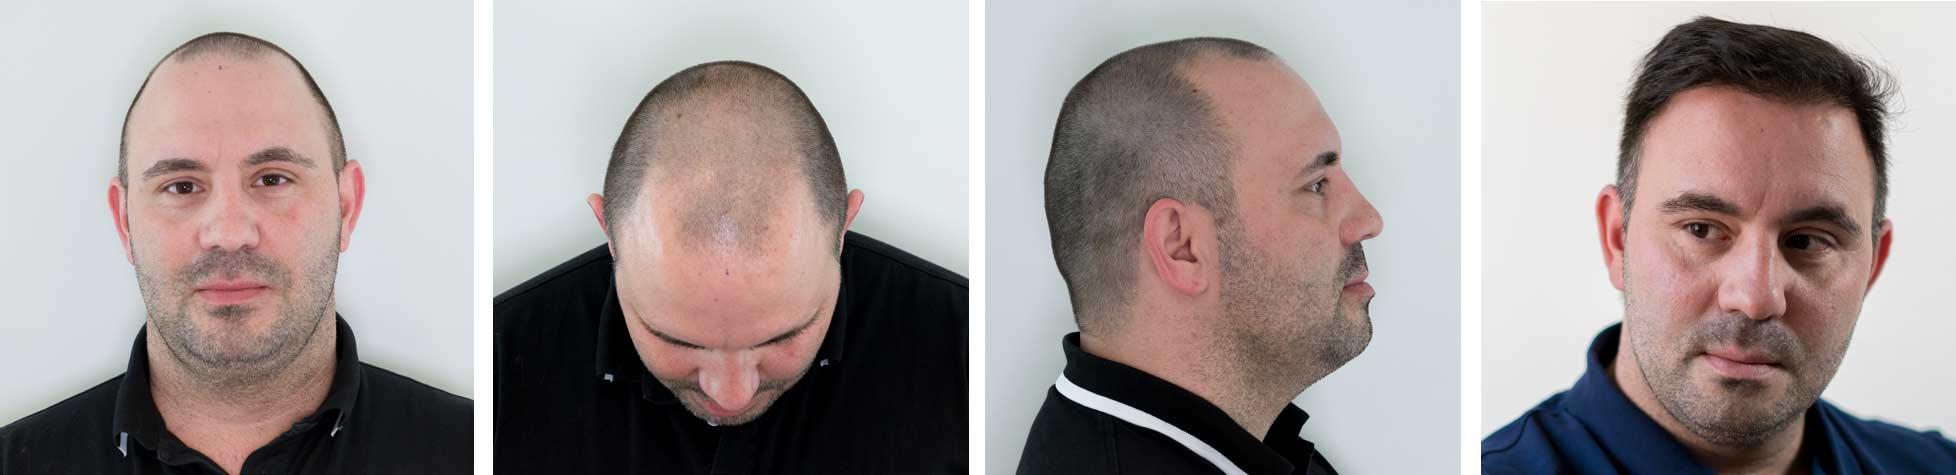 Afbeelding voor de haartransplantatie van een patiënt